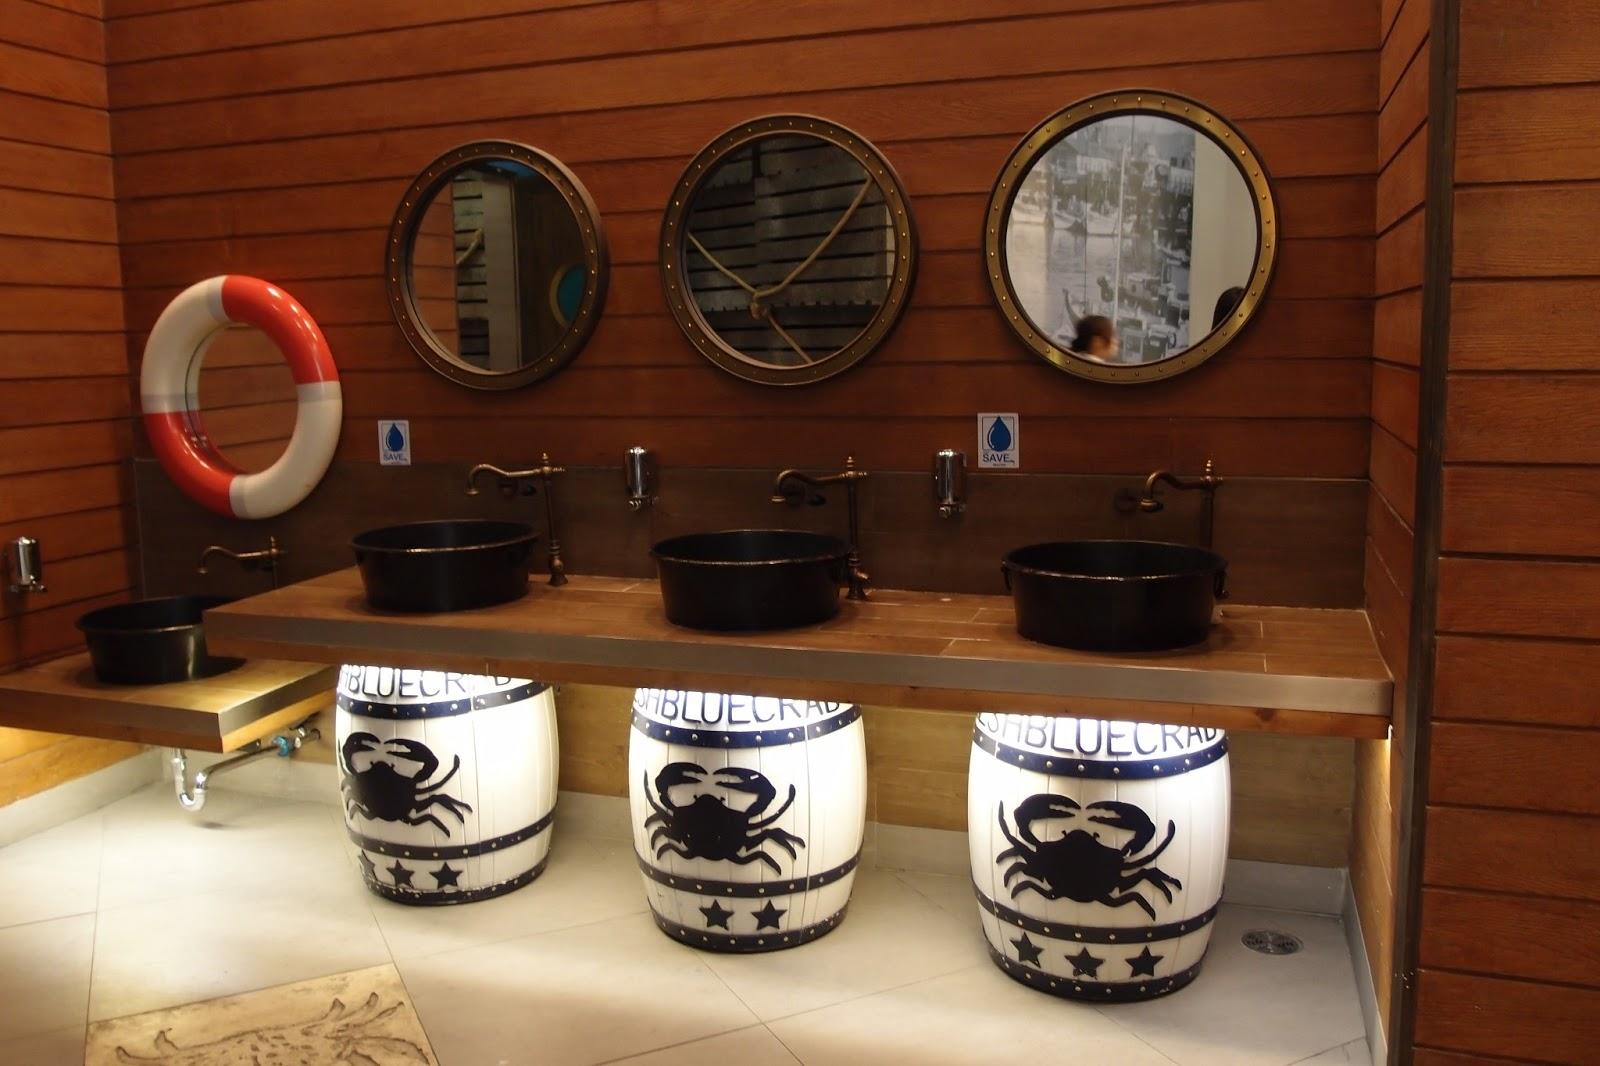 smellypompom.blogspot.com terminal 21 toilet